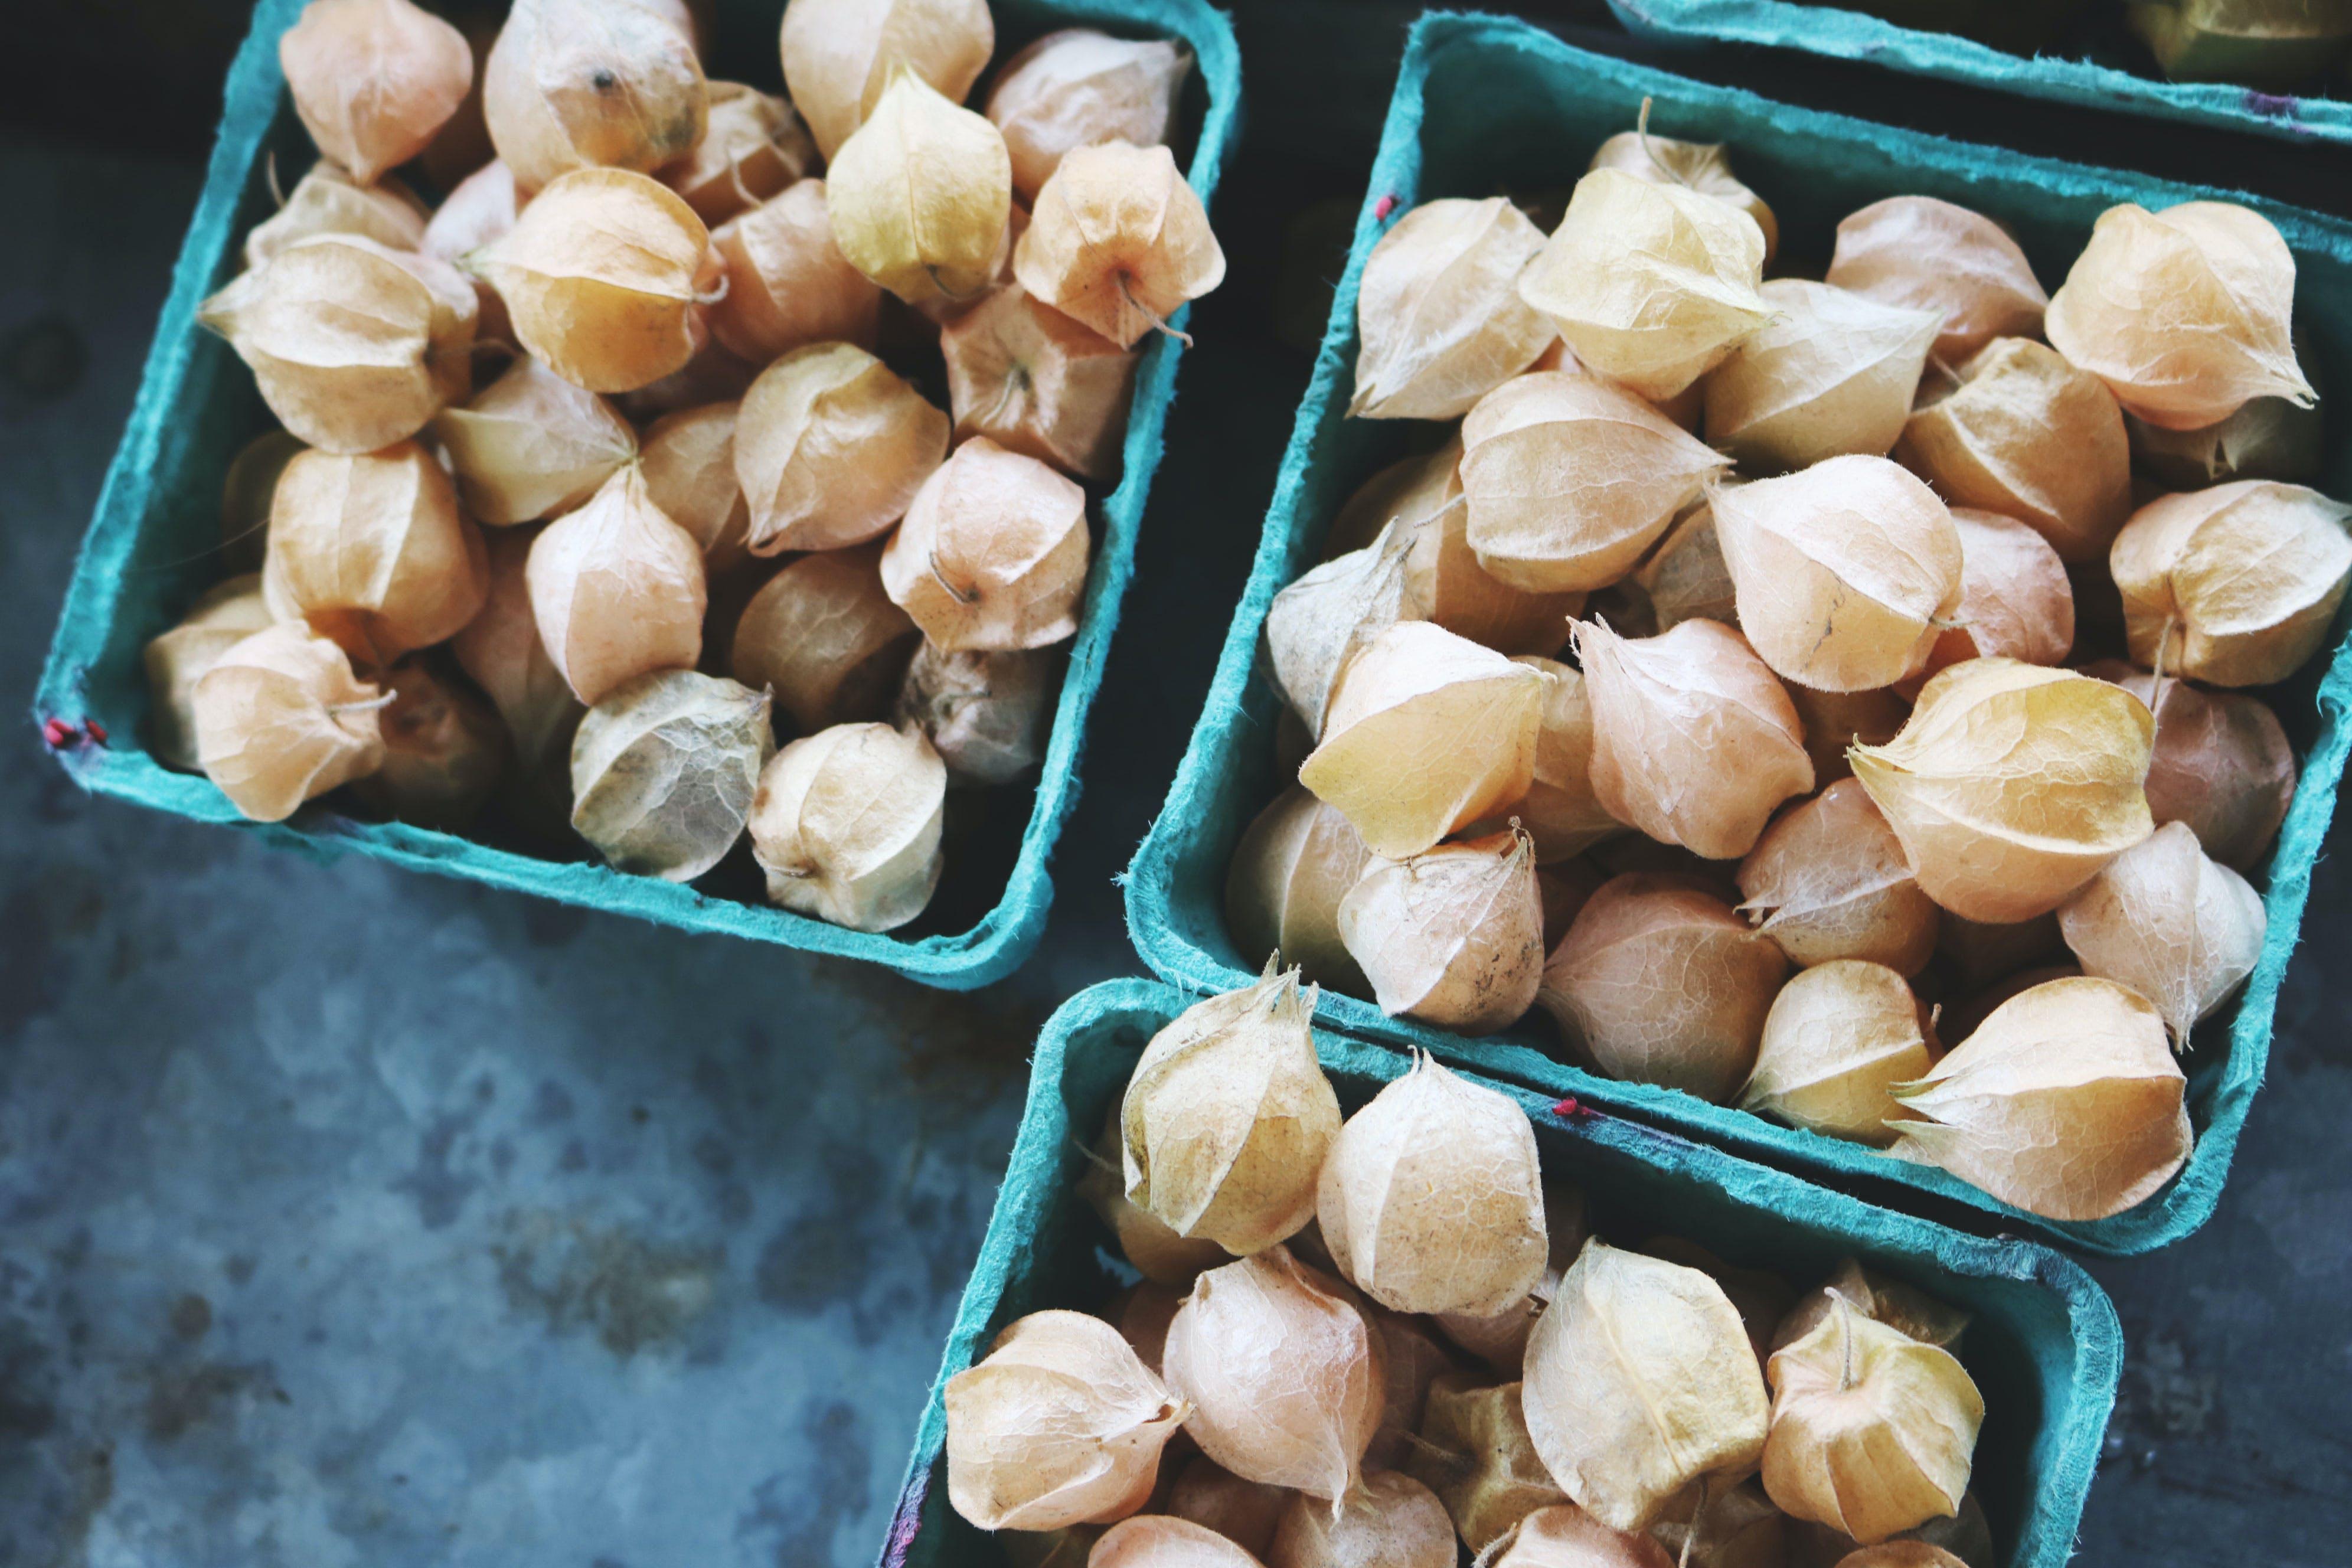 Kostenloses Stock Foto zu erfrischung, ernte, frisch, früchte